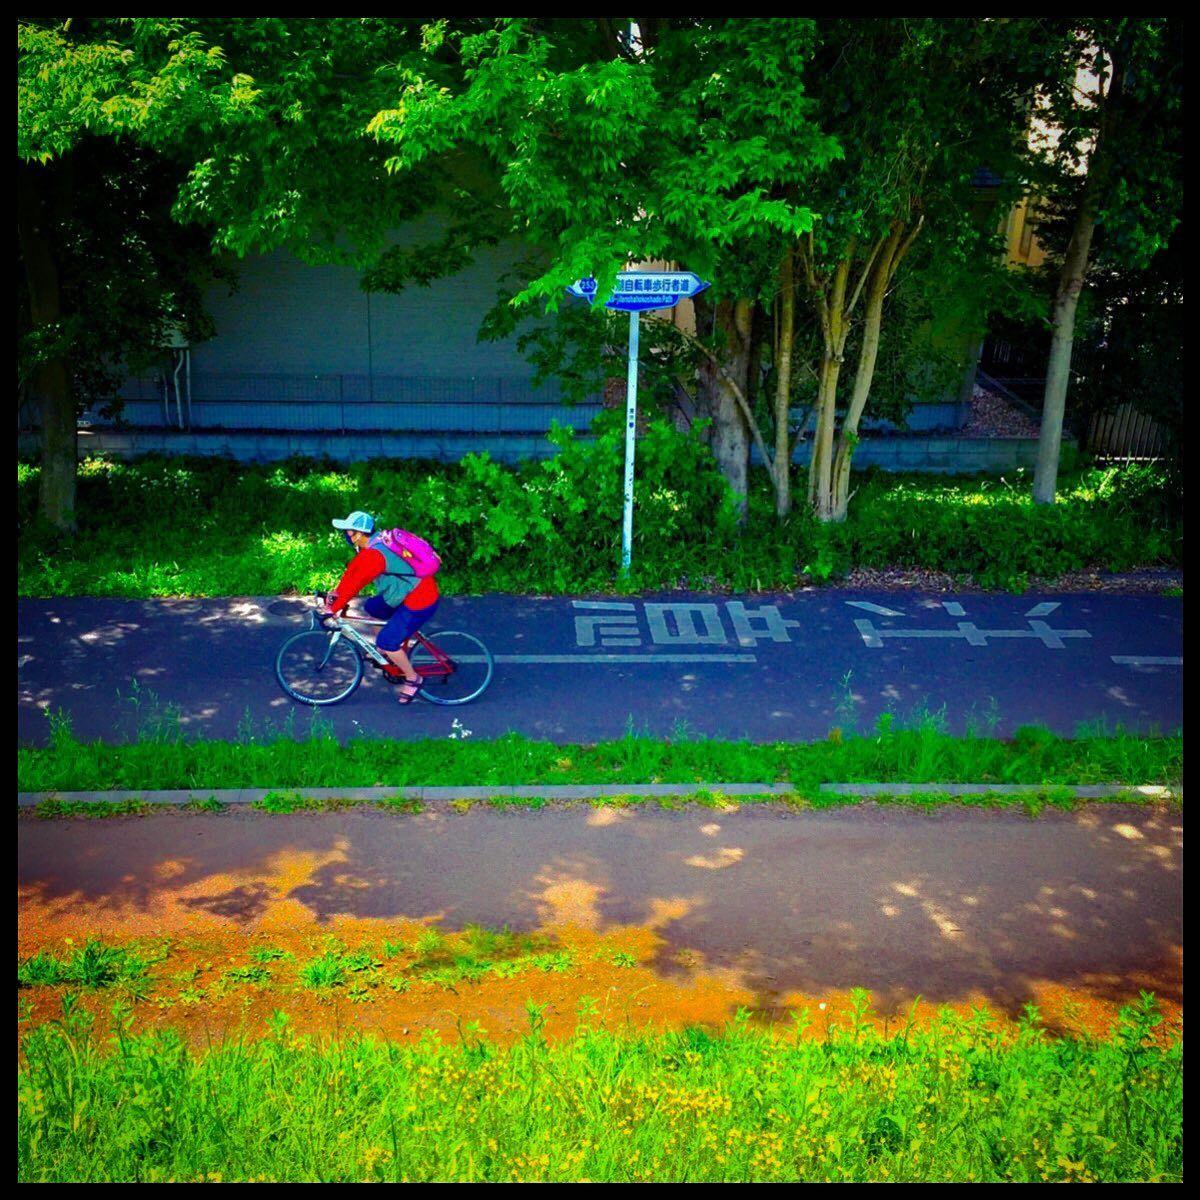 5月5日(水)自宅トレーニングについて_c0026089_20121422.jpg